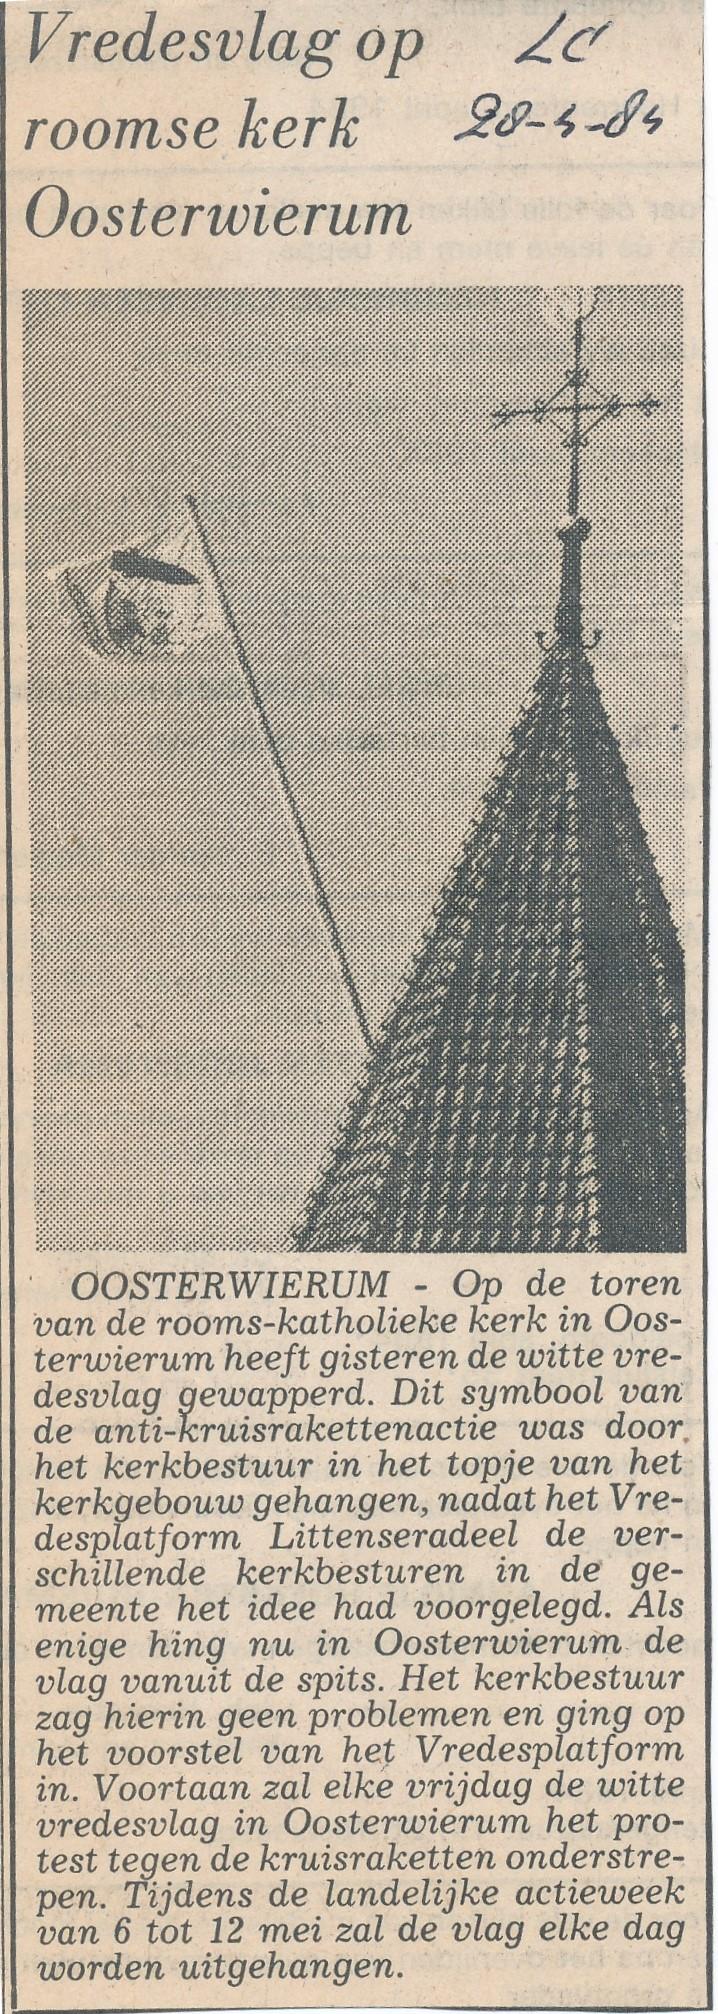 Fotoalbum Andre Kamsma, 192, Kranteknipsel vredesvlag op Roomse Kerk, LC 28-04-1984